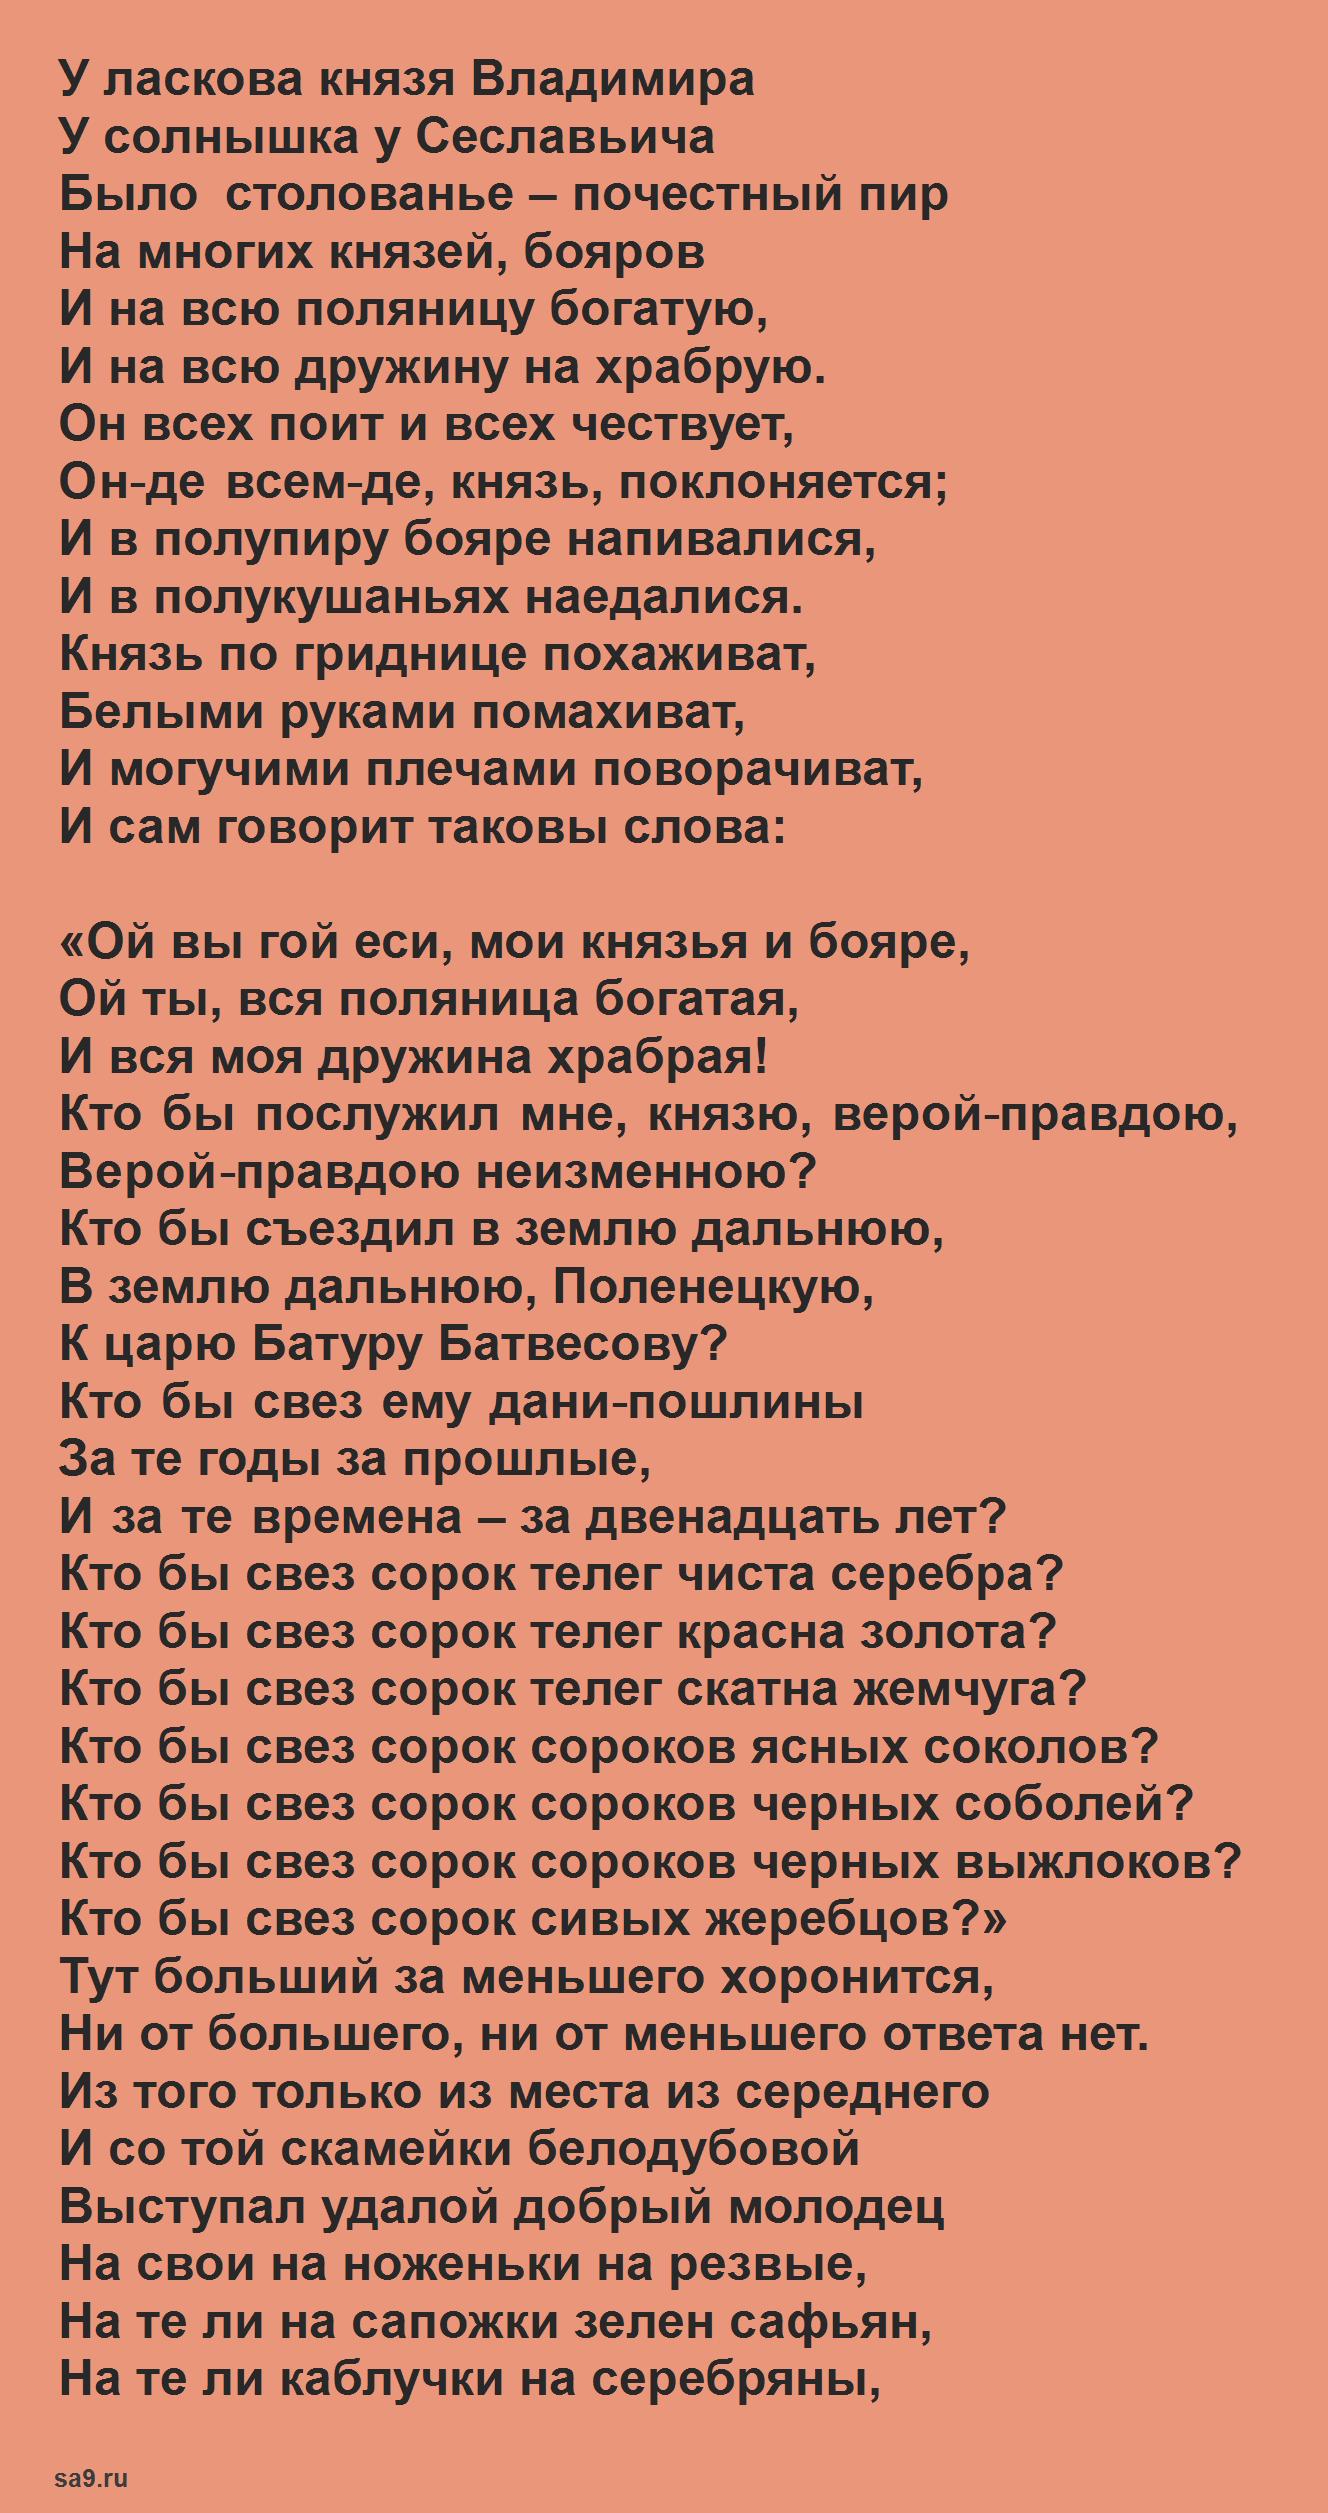 Былина - Добрыня и Василий Казимирович